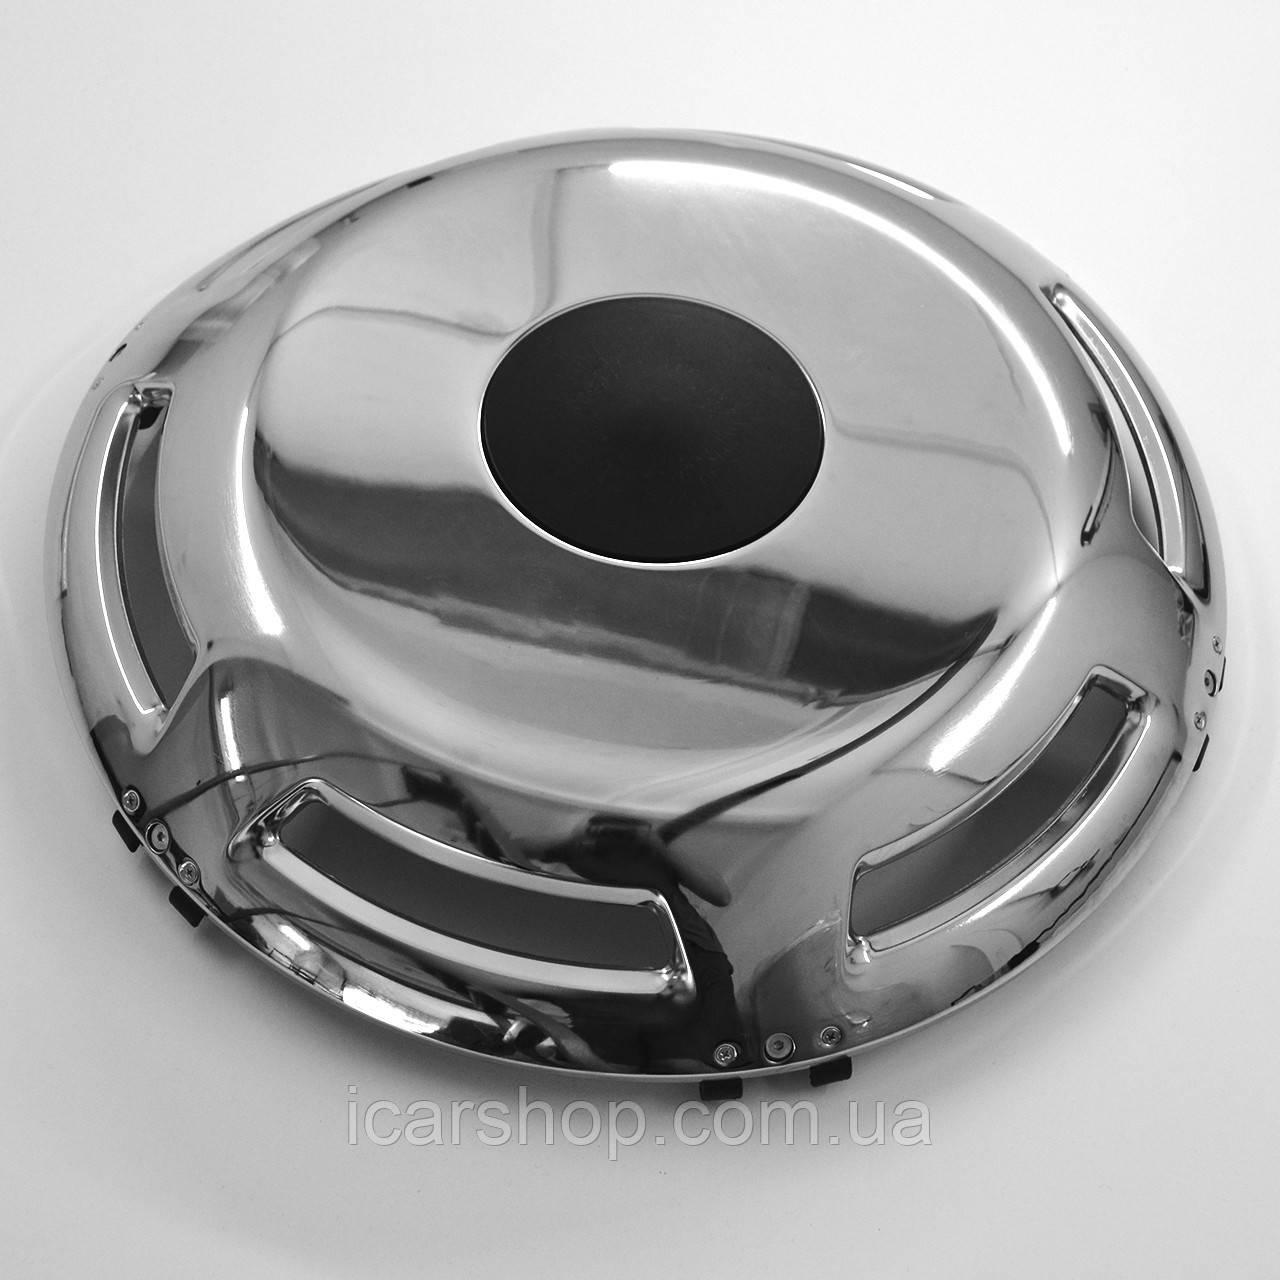 Ковпаки на диски 22,5 / Передні / Хром (2шт)